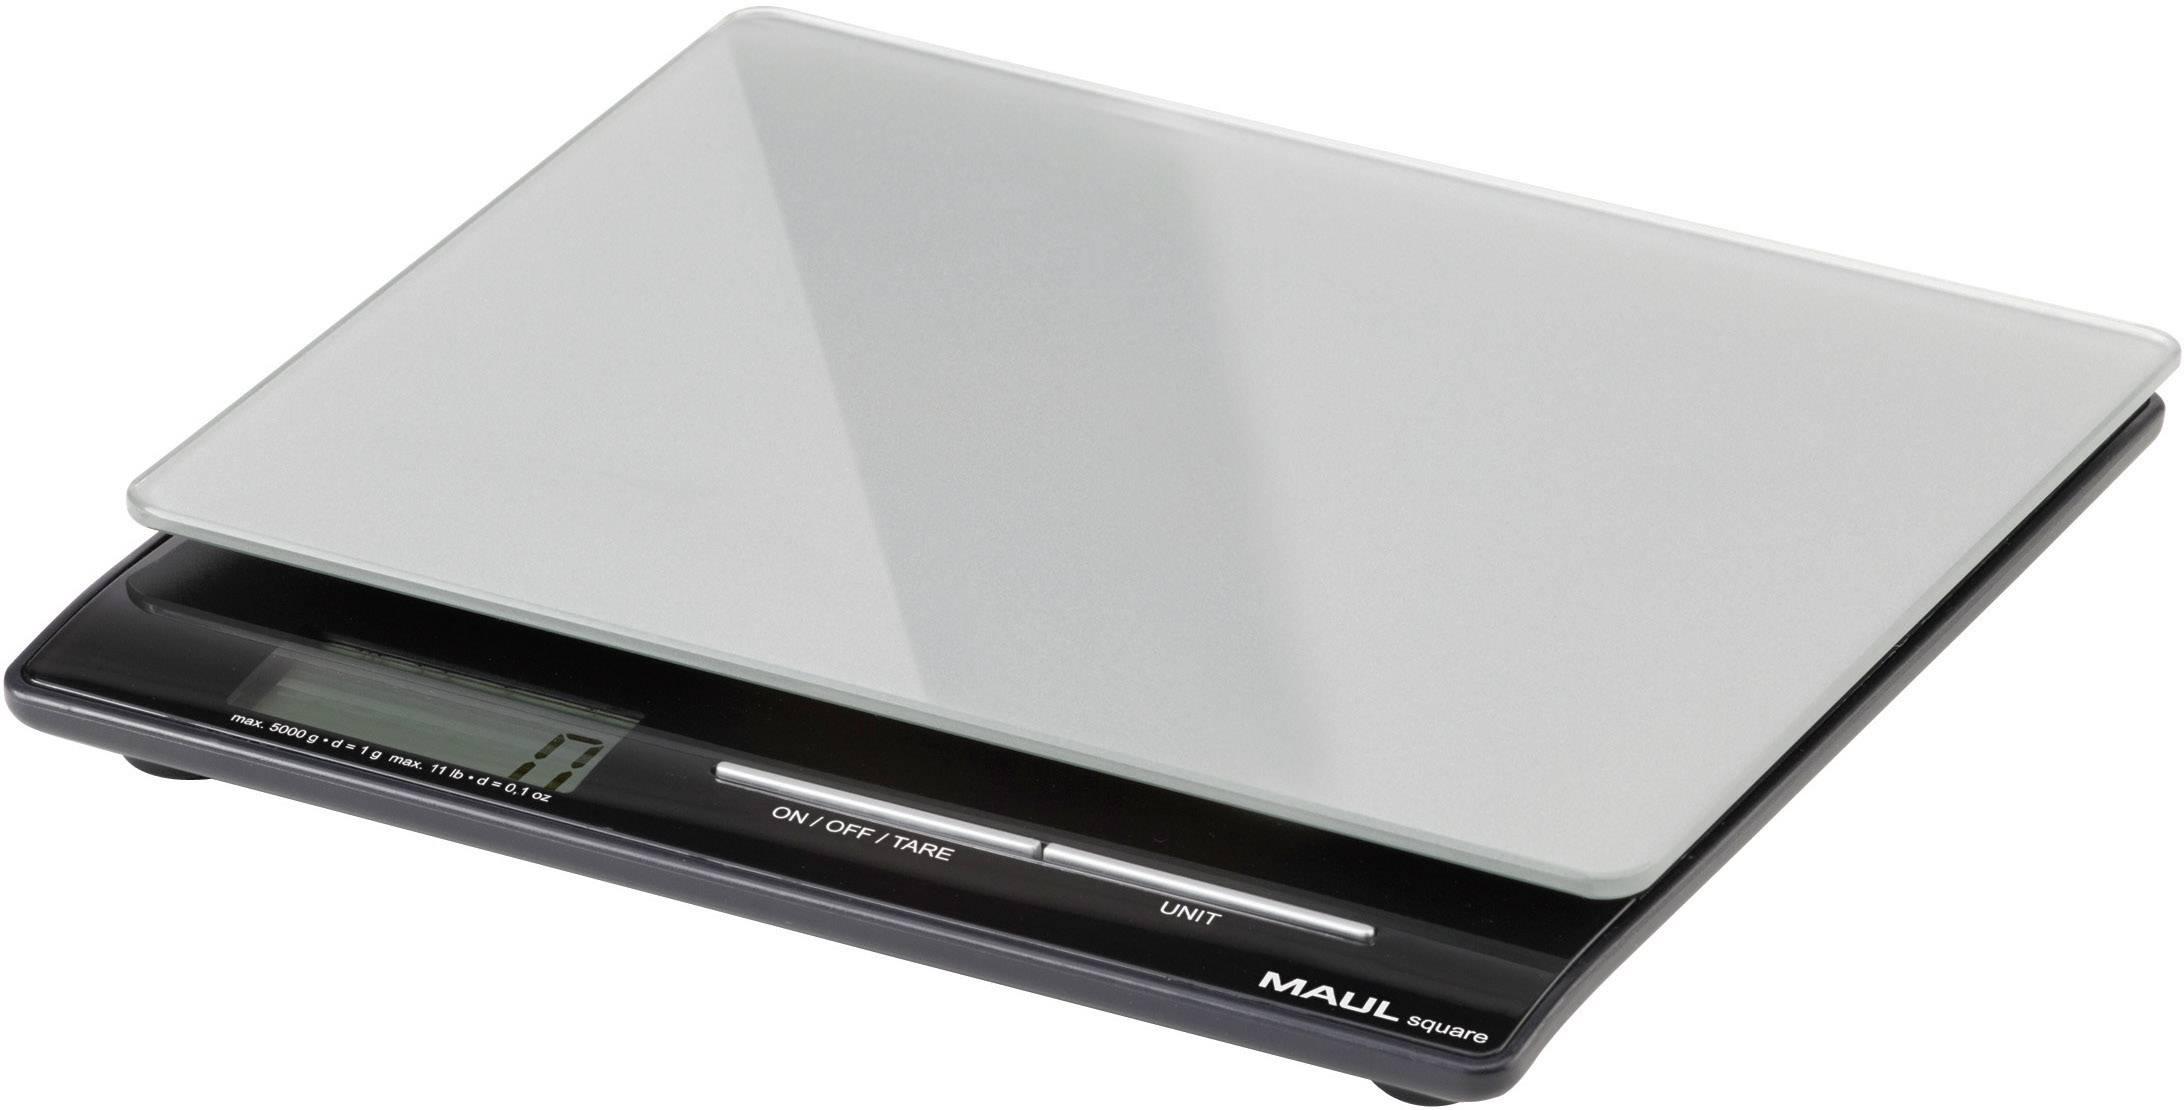 Váha na listy Maul MAULsquare 5000 g 166 45, max.váživosť 5 kg, strieborná